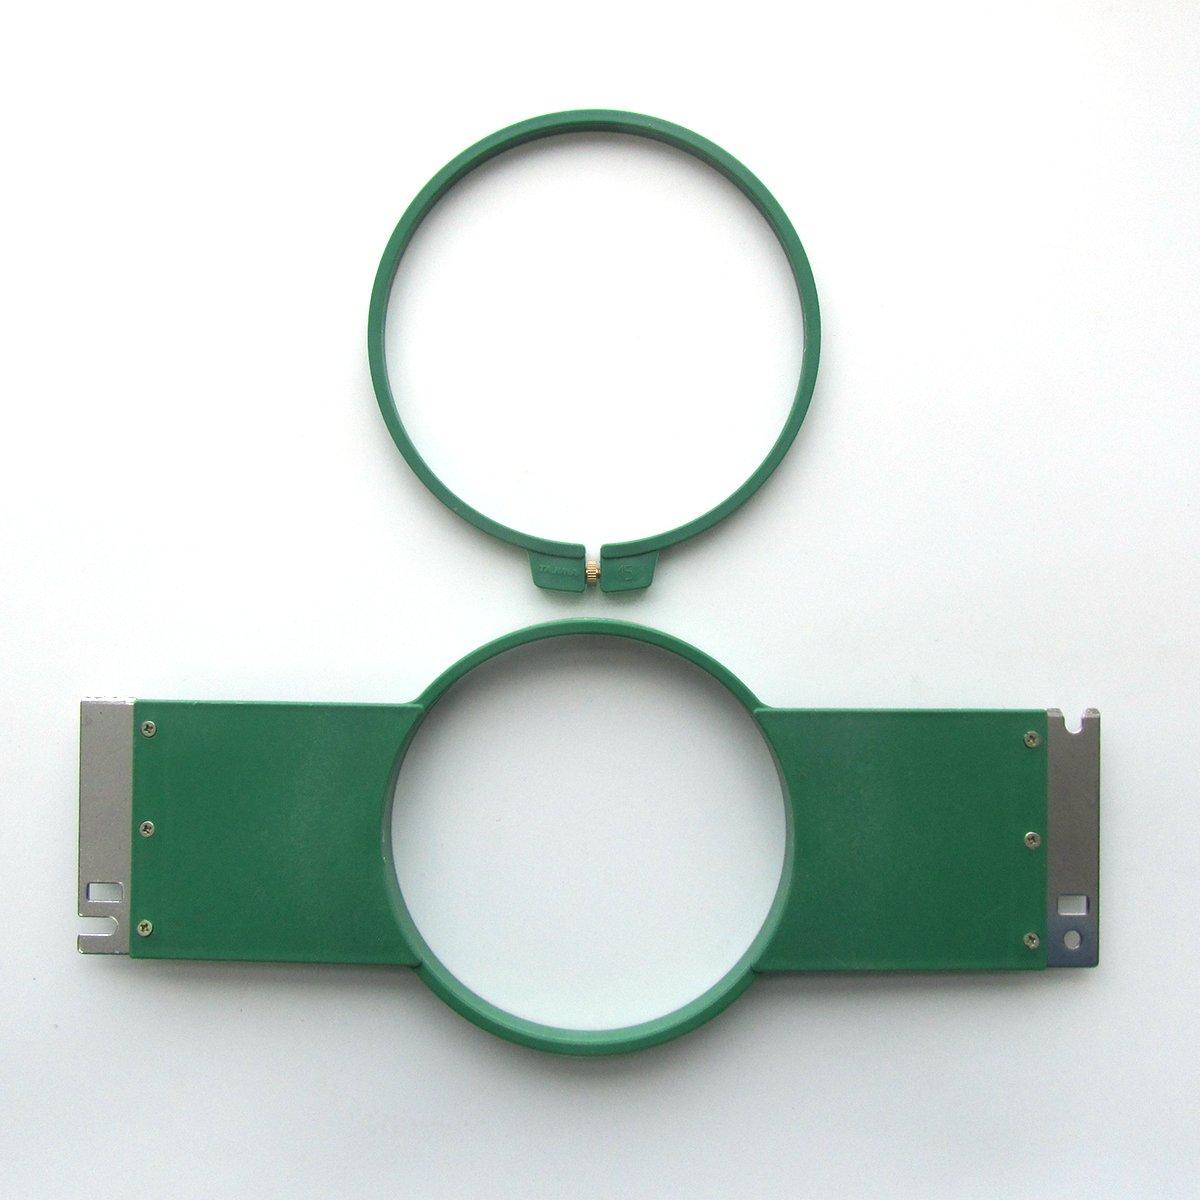 KUNPENG - 1 conjunto de aro de bordado (1 bastidor + 1 anillo) 15 cm 5.9